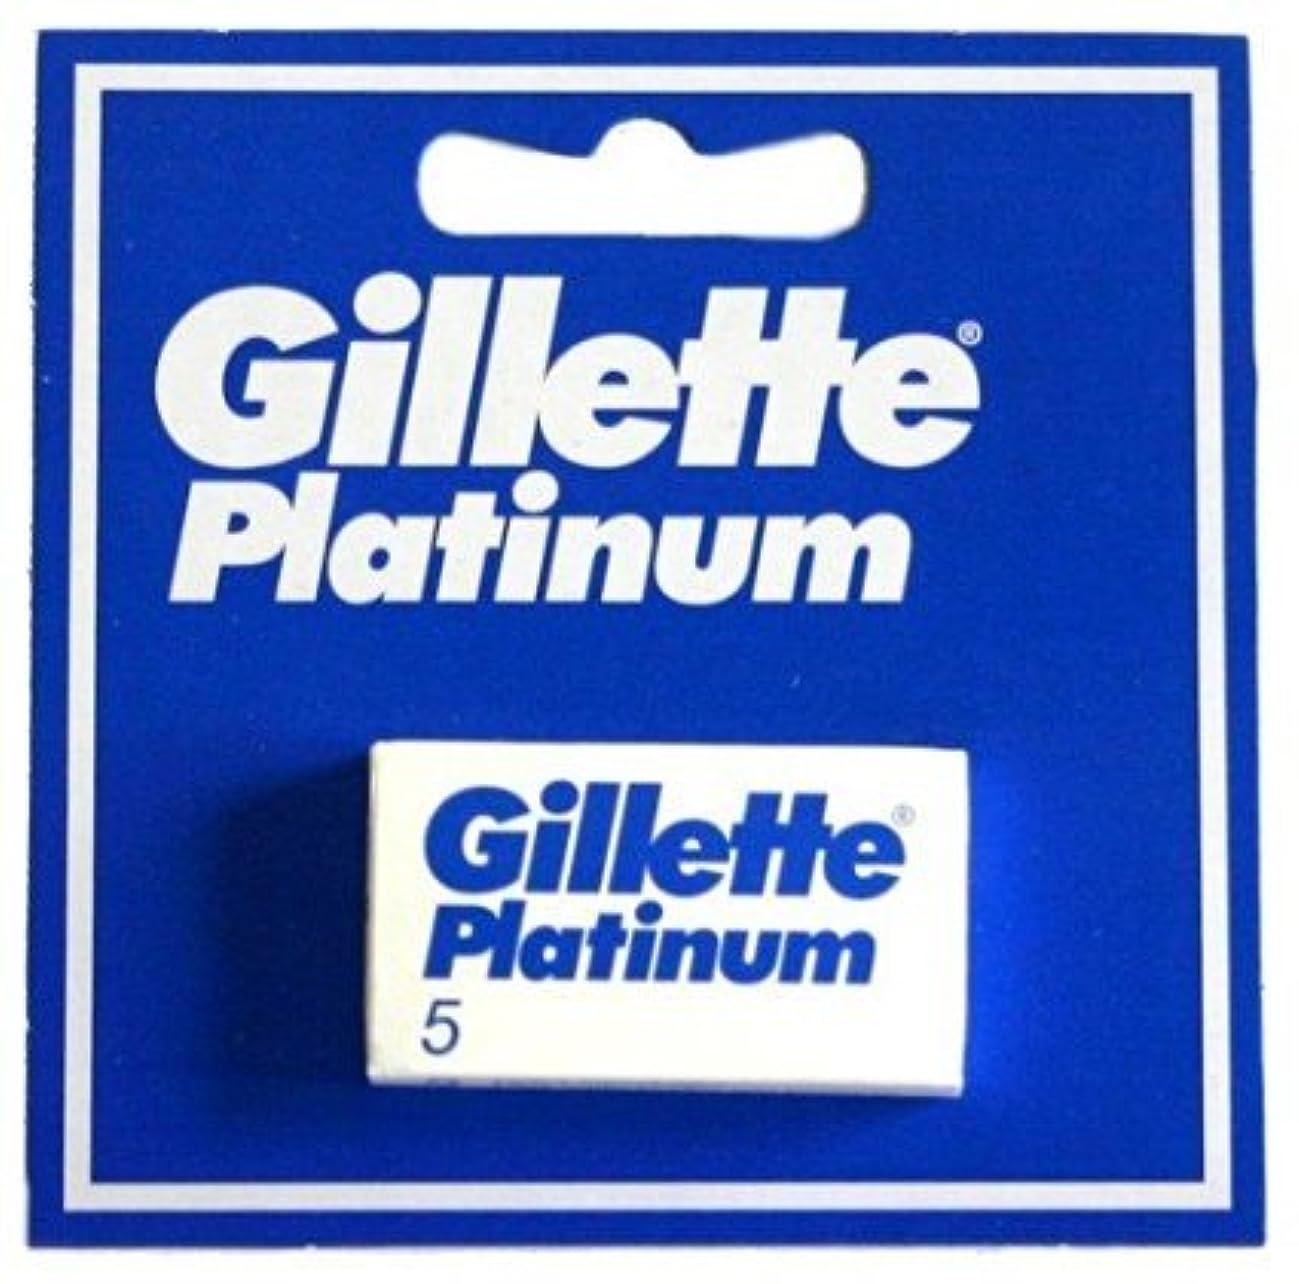 意義マーキング実現可能性Gillette Platinum [プレミアムホワイトボックス版!] ジレット プラチナ 両刃替刃 20個入り (5*4) [海外直送品] [並行輸入品]